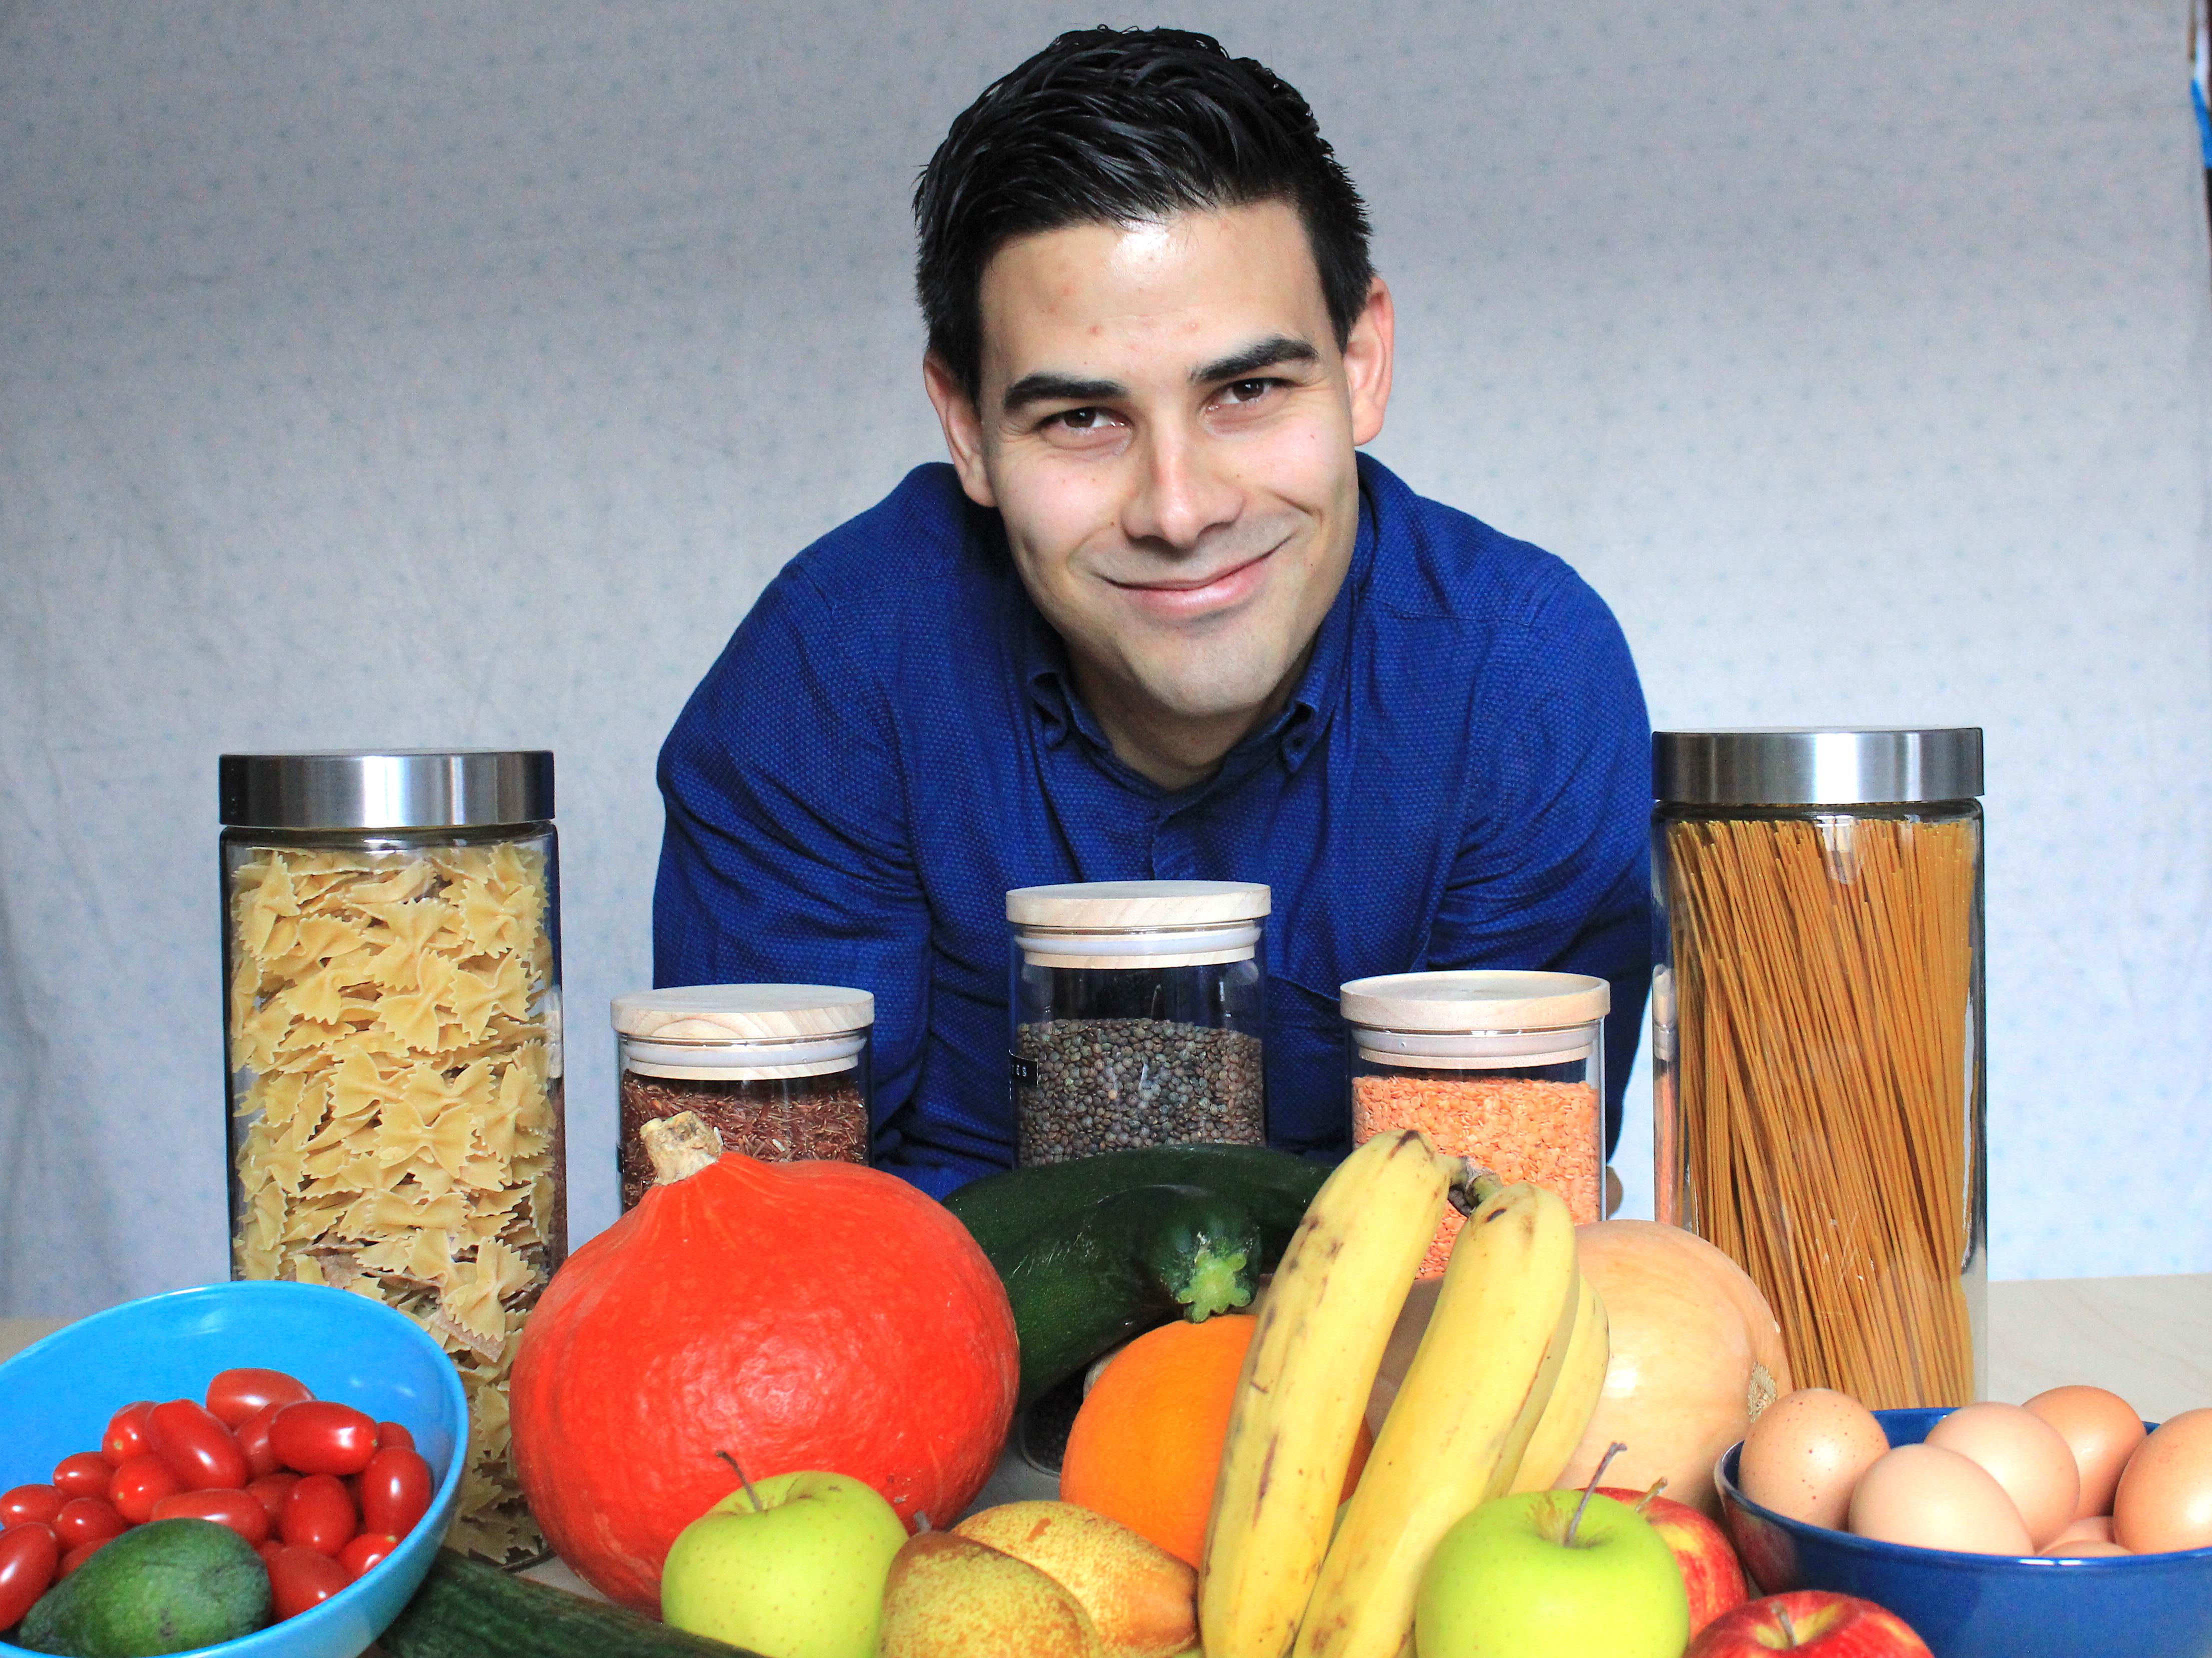 Bilan nutritionnel - Premier rendez-vous